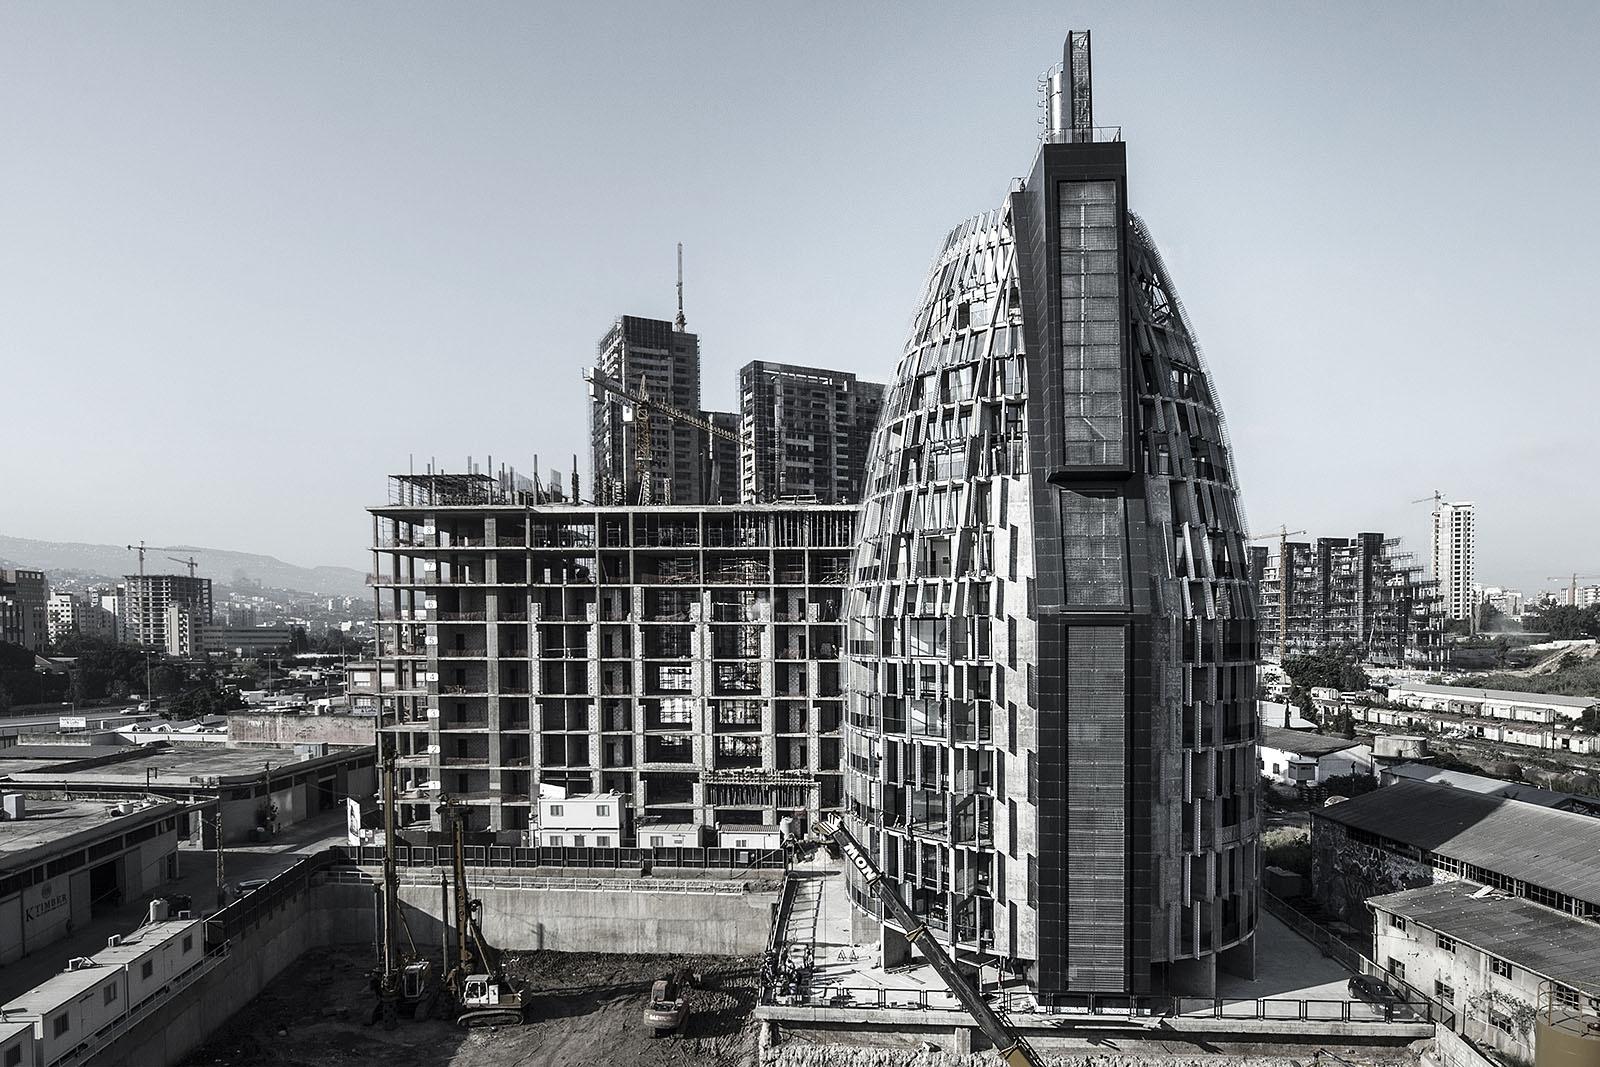 Vue de TERRAIN #4371. Architecte: Bernard Khoury. Photographie: IEVA SAUDARGAITE. © DW5 BERNARD KHOURY